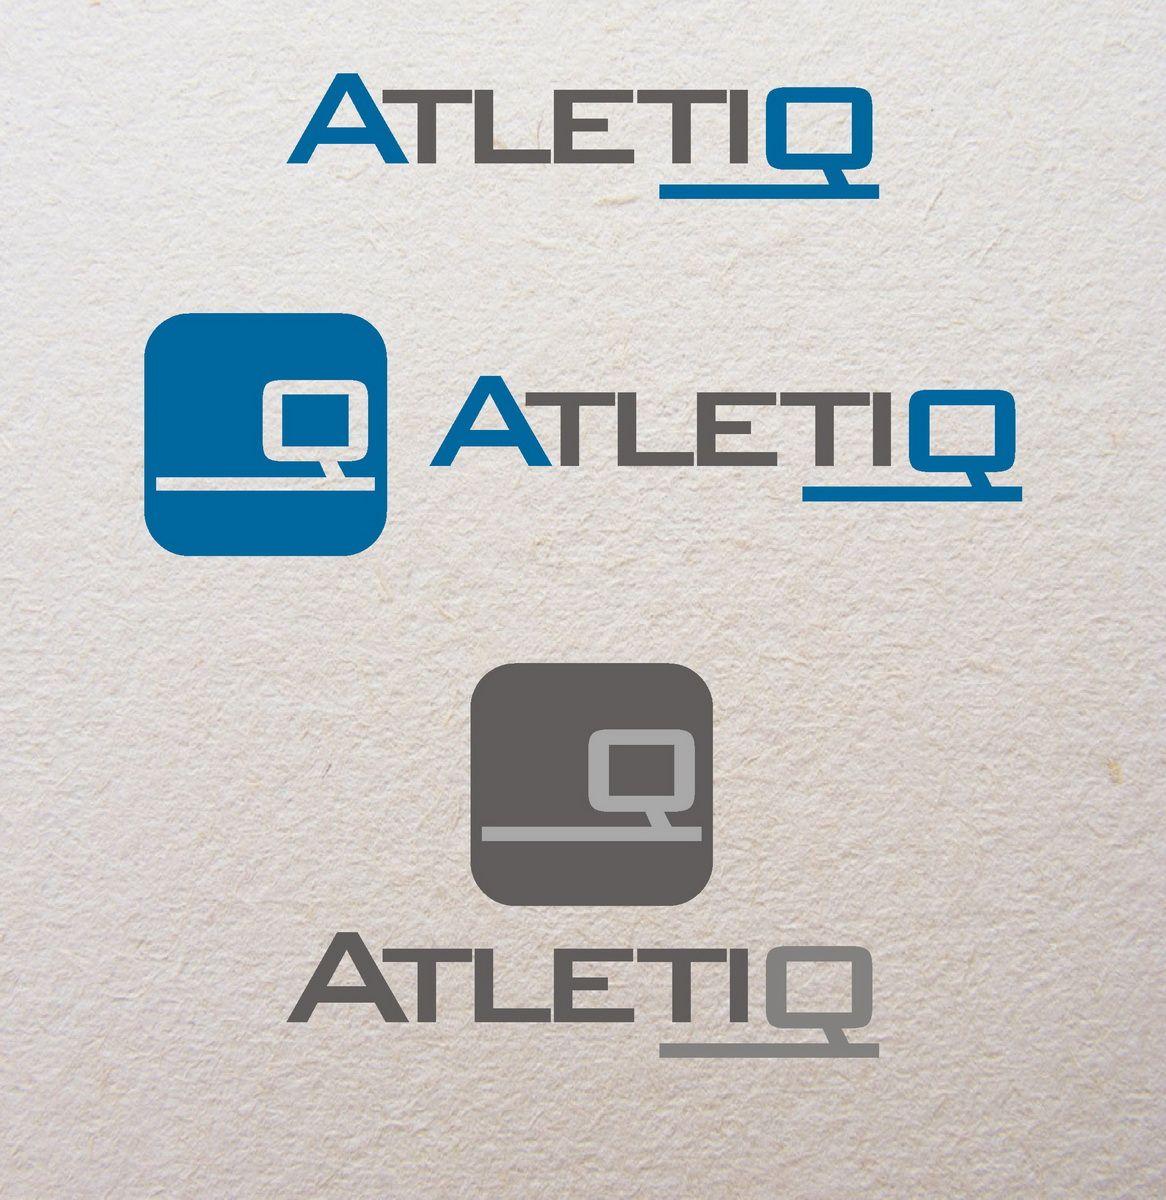 Логотип для спортивного сервиса Atletiq - дизайнер oformitelblok